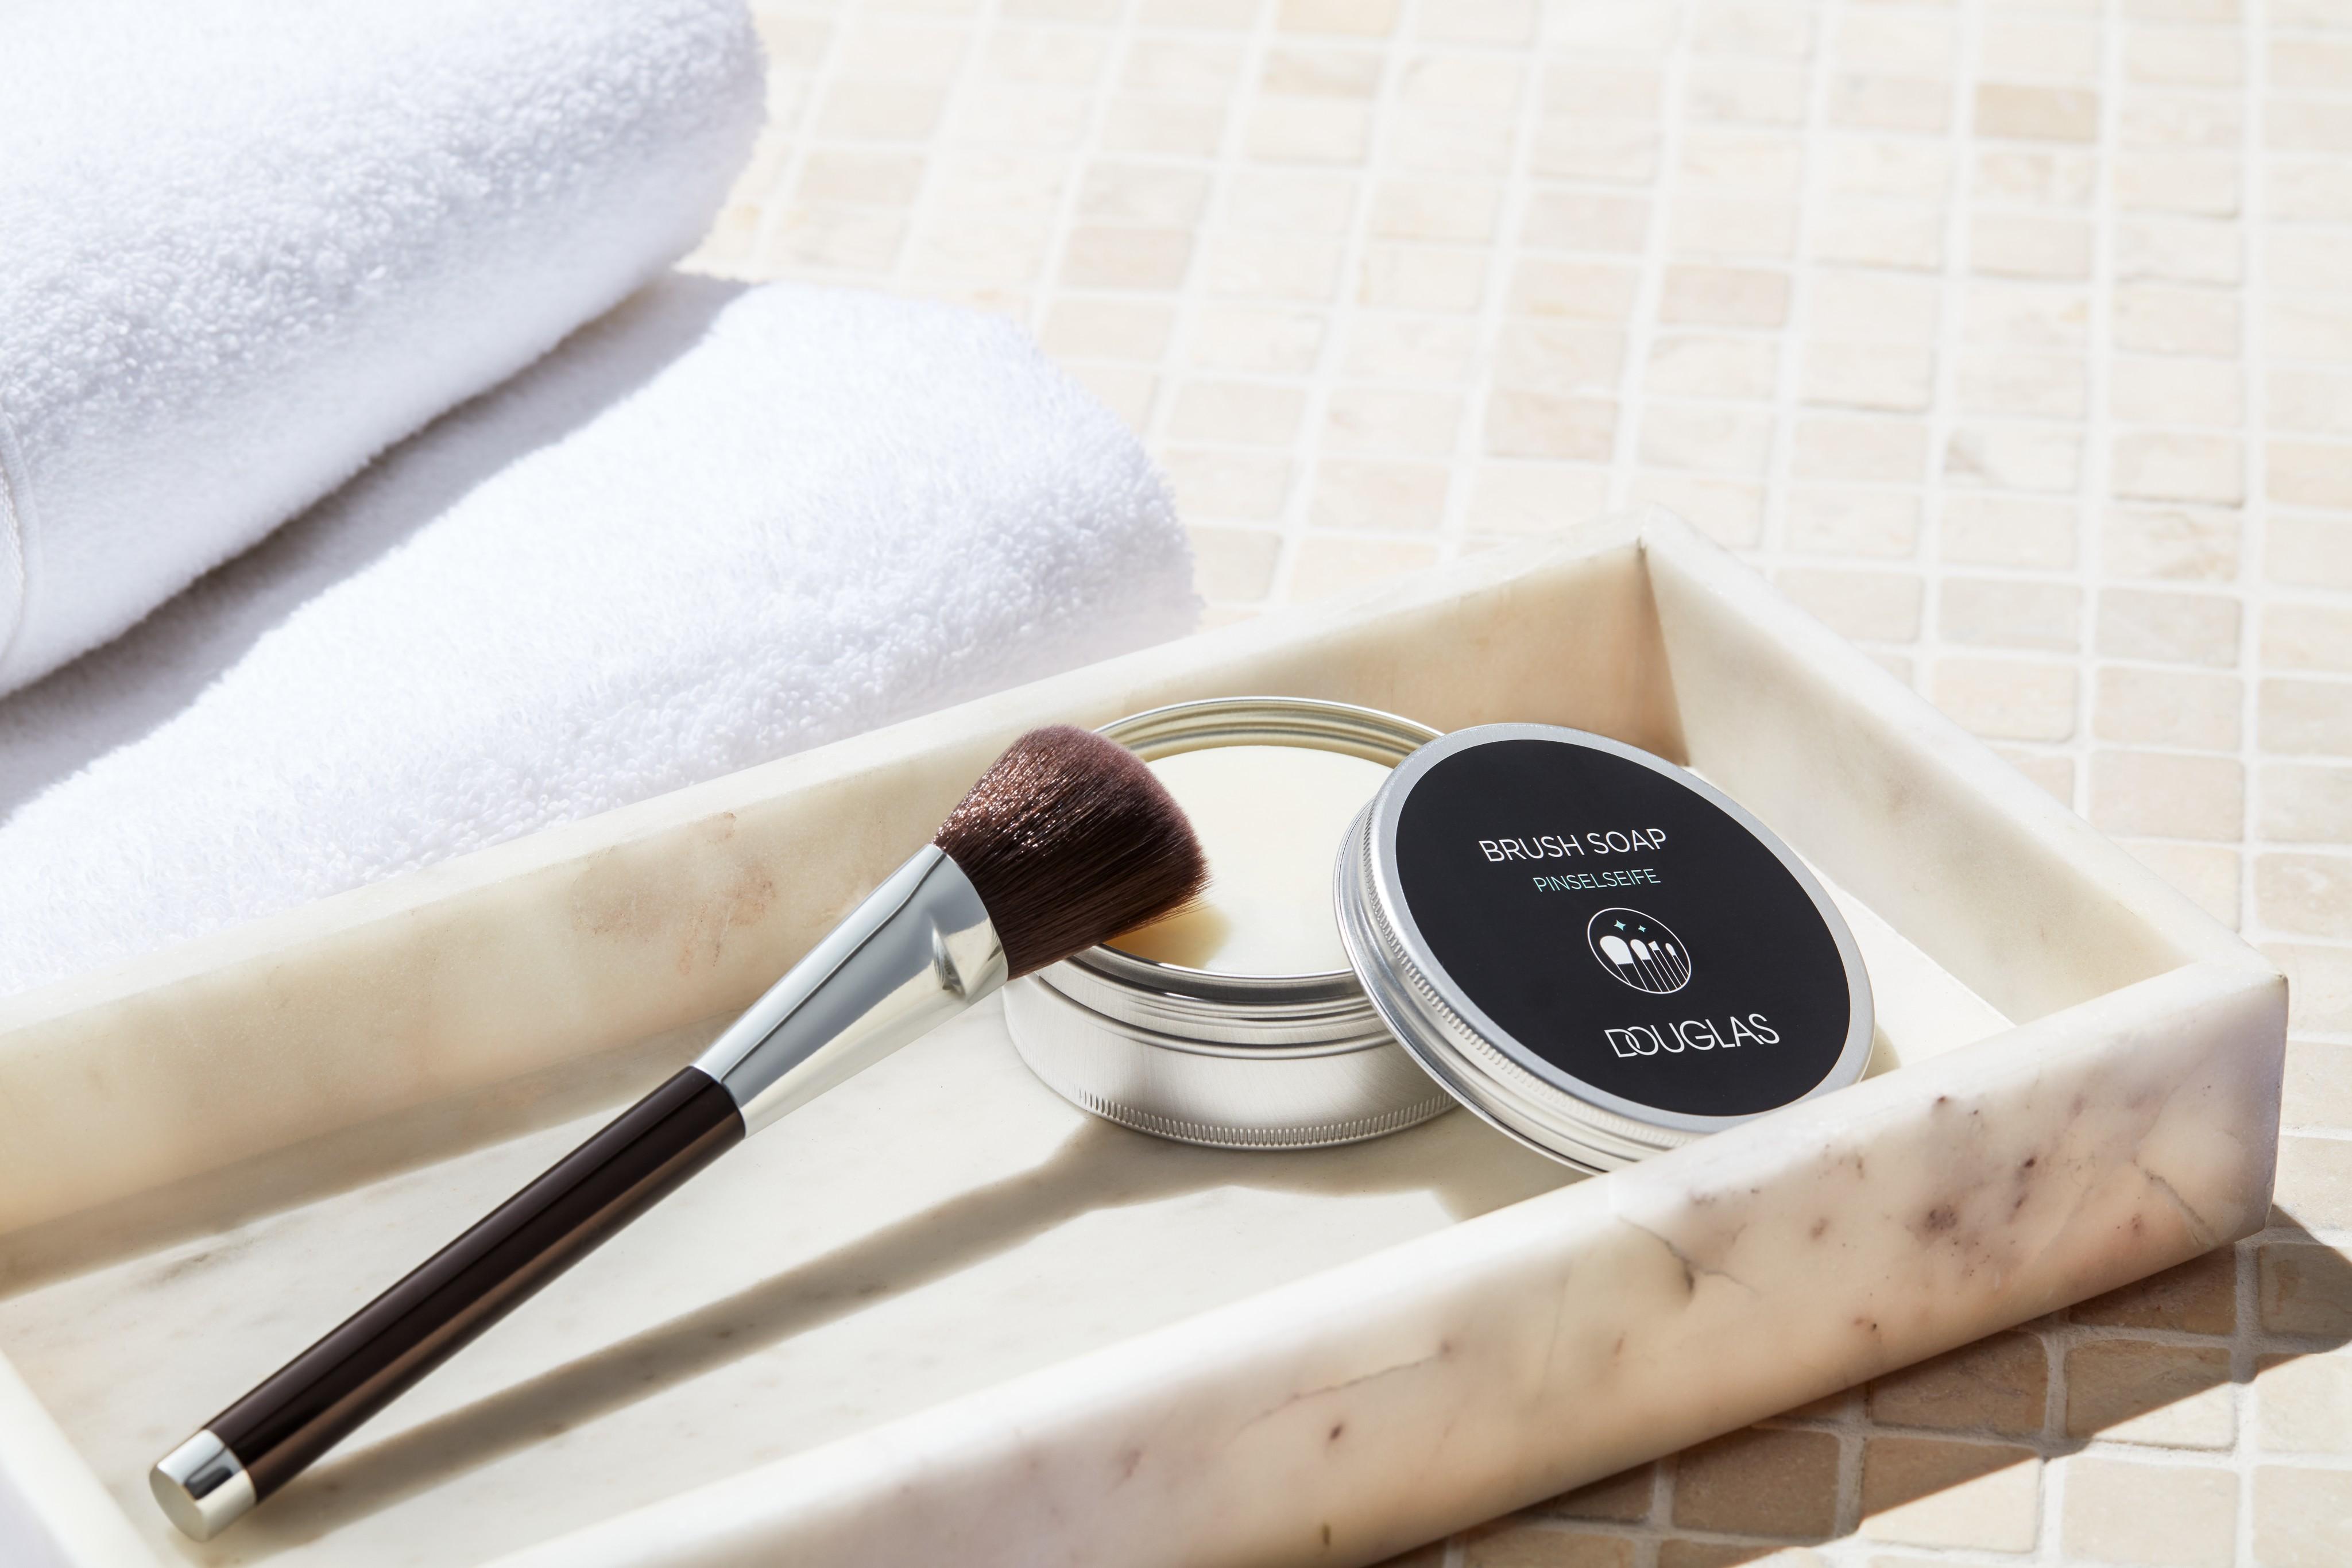 Accessoires-product-brush-soap-douglas-collection-unlimited-Web-Rendition